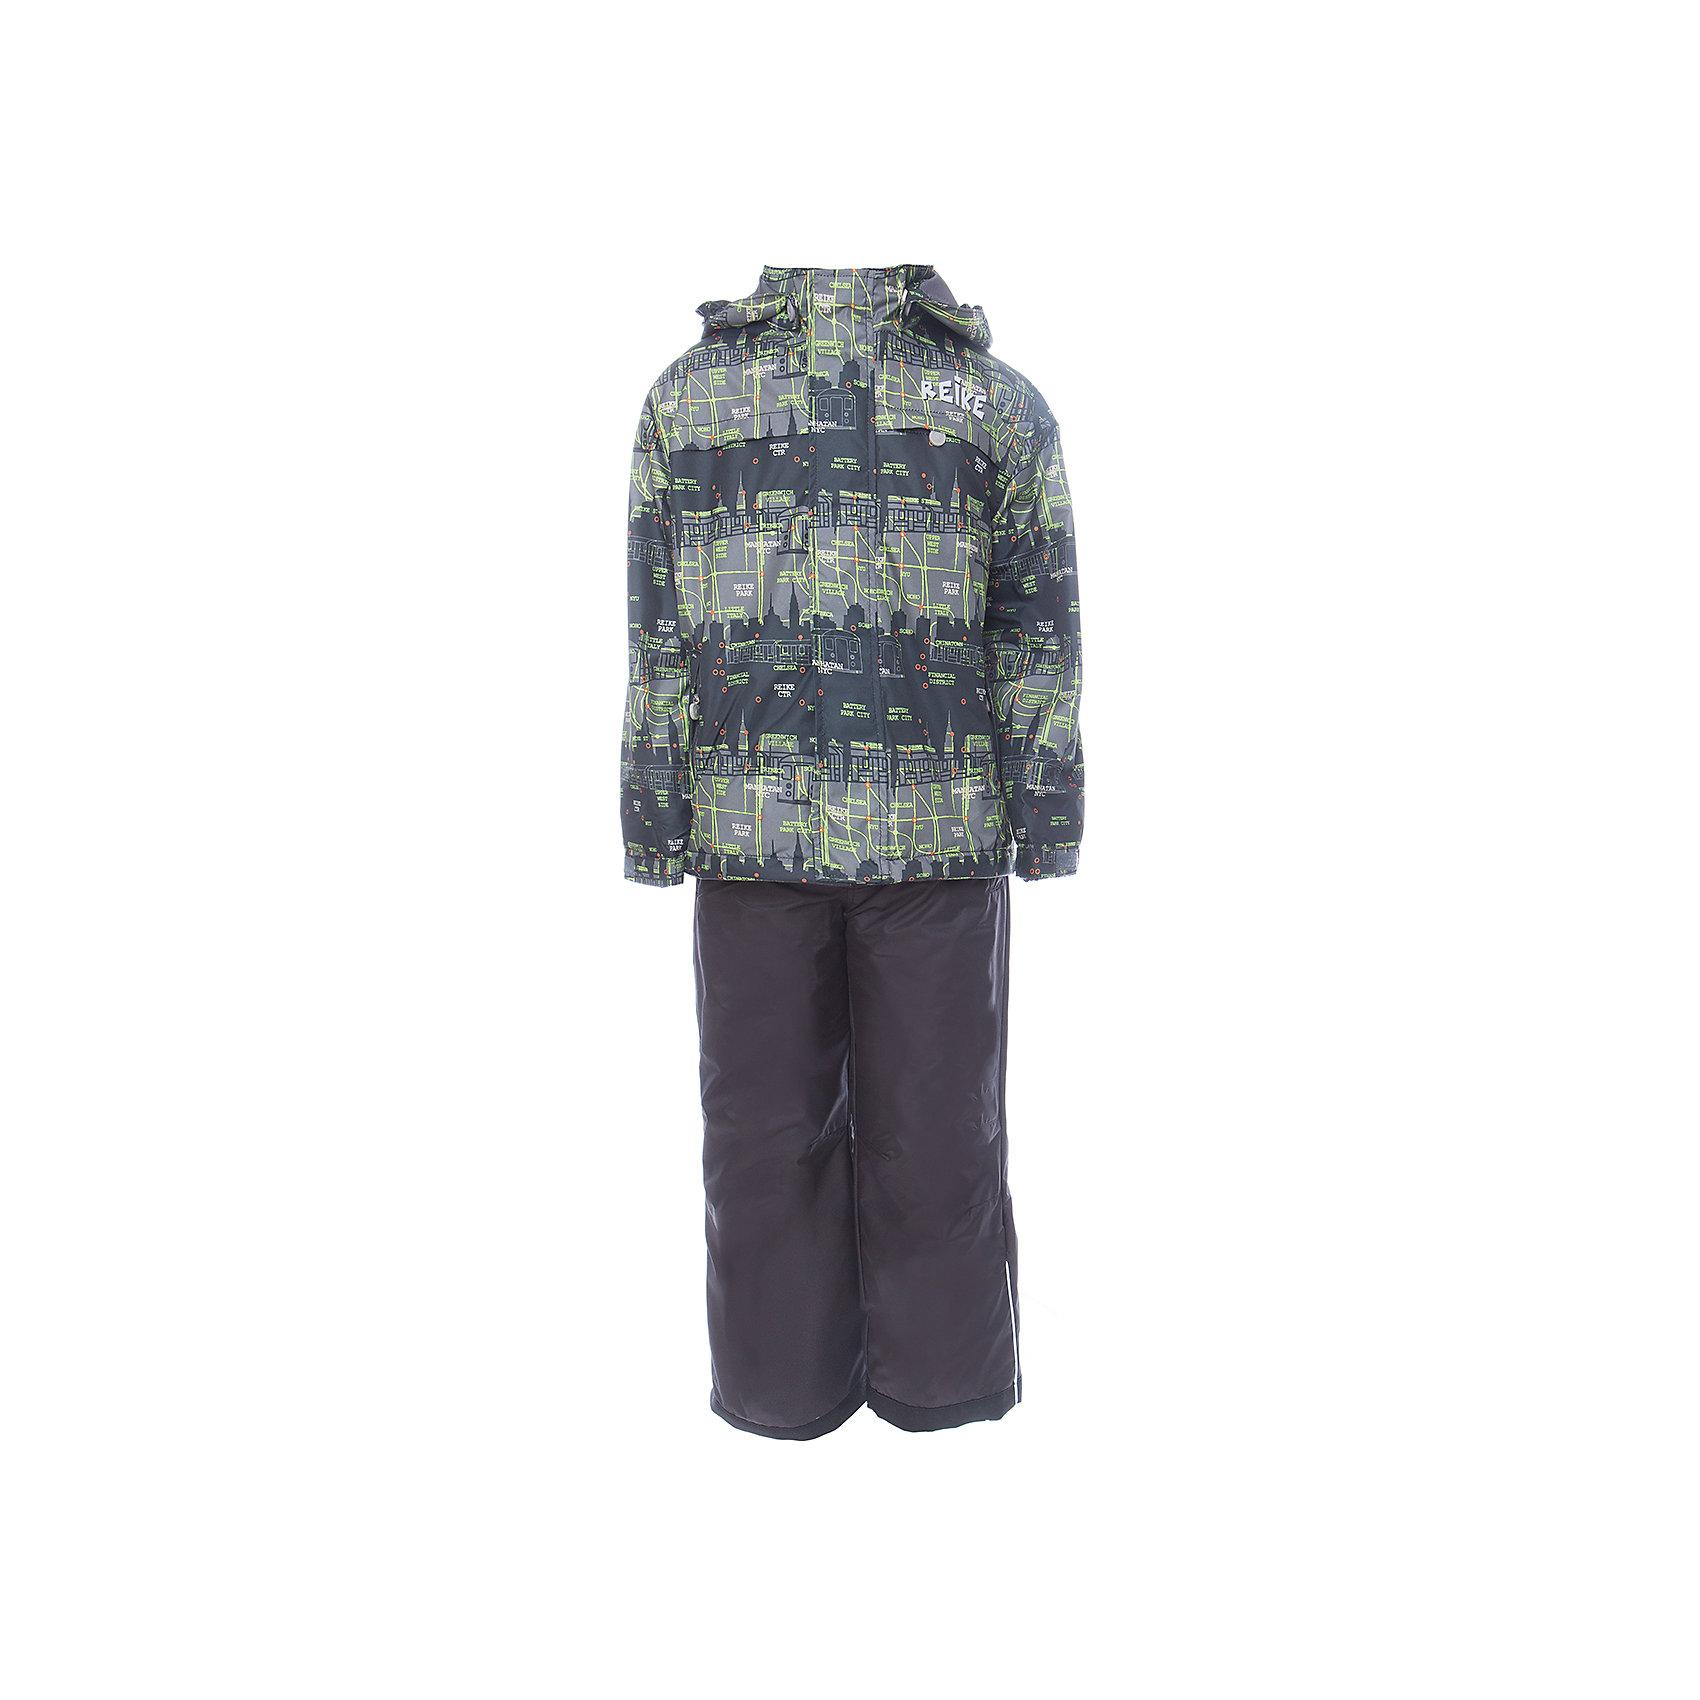 Комплект Reike для мальчикаОдежда<br>Характеристики товара:<br><br>• цвет: зелёный/чёрный<br>• состав: 100% полиэстер<br>• подкладка - 100% полиэстер со вставками из микрофлиса (спинка, грудь куртки)<br>• без утеплителя<br>• температурный режим: от +5° С до +15° С<br>• из ветрозащитного, водонепроницаемого материала<br>• мембранная технология позволяет телу дышать<br>• воздухопроницаемость: 2000гр/м2/24 ч<br>• водоотталкивающее покрытие: 2000 мм<br>• ветрозащитная планка на кнопках и липучках вдоль молнии не допустит проникновения холодного воздуха<br>• съёмный регулируемый капюшон<br>• куртка с двумя карманами на молнии<br>• завышенная талия и регулируемые подтяжки гарантируют посадку брюк по фигуре<br>• низ усилен защитой от истирания<br>• завышенные брюки оснащены светоотражателями, двумя боковыми карманами на молнии и съёмными штрипками<br>• манжеты рукавов на резинке дополнительно регулируются липучками<br>• страна бренда: Финляндия<br><br>Демисезонная одежда может быть очень красивой и удобной! Новая коллекция от известного финского производителя Reike отличается ярким дизайном, продуманностью и комфортом! Эта модель разработана специально для детей - она учитывает особенности их физиологии, а также новые тенденции в европейской моде. Стильная и удобная вещь!<br><br>Комплект для девочки от популярного бренда Reike можно купить в нашем интернет-магазине.<br><br>Ширина мм: 215<br>Глубина мм: 88<br>Высота мм: 191<br>Вес г: 336<br>Цвет: черный<br>Возраст от месяцев: 96<br>Возраст до месяцев: 108<br>Пол: Мужской<br>Возраст: Детский<br>Размер: 134,110,116,122,128<br>SKU: 5429993